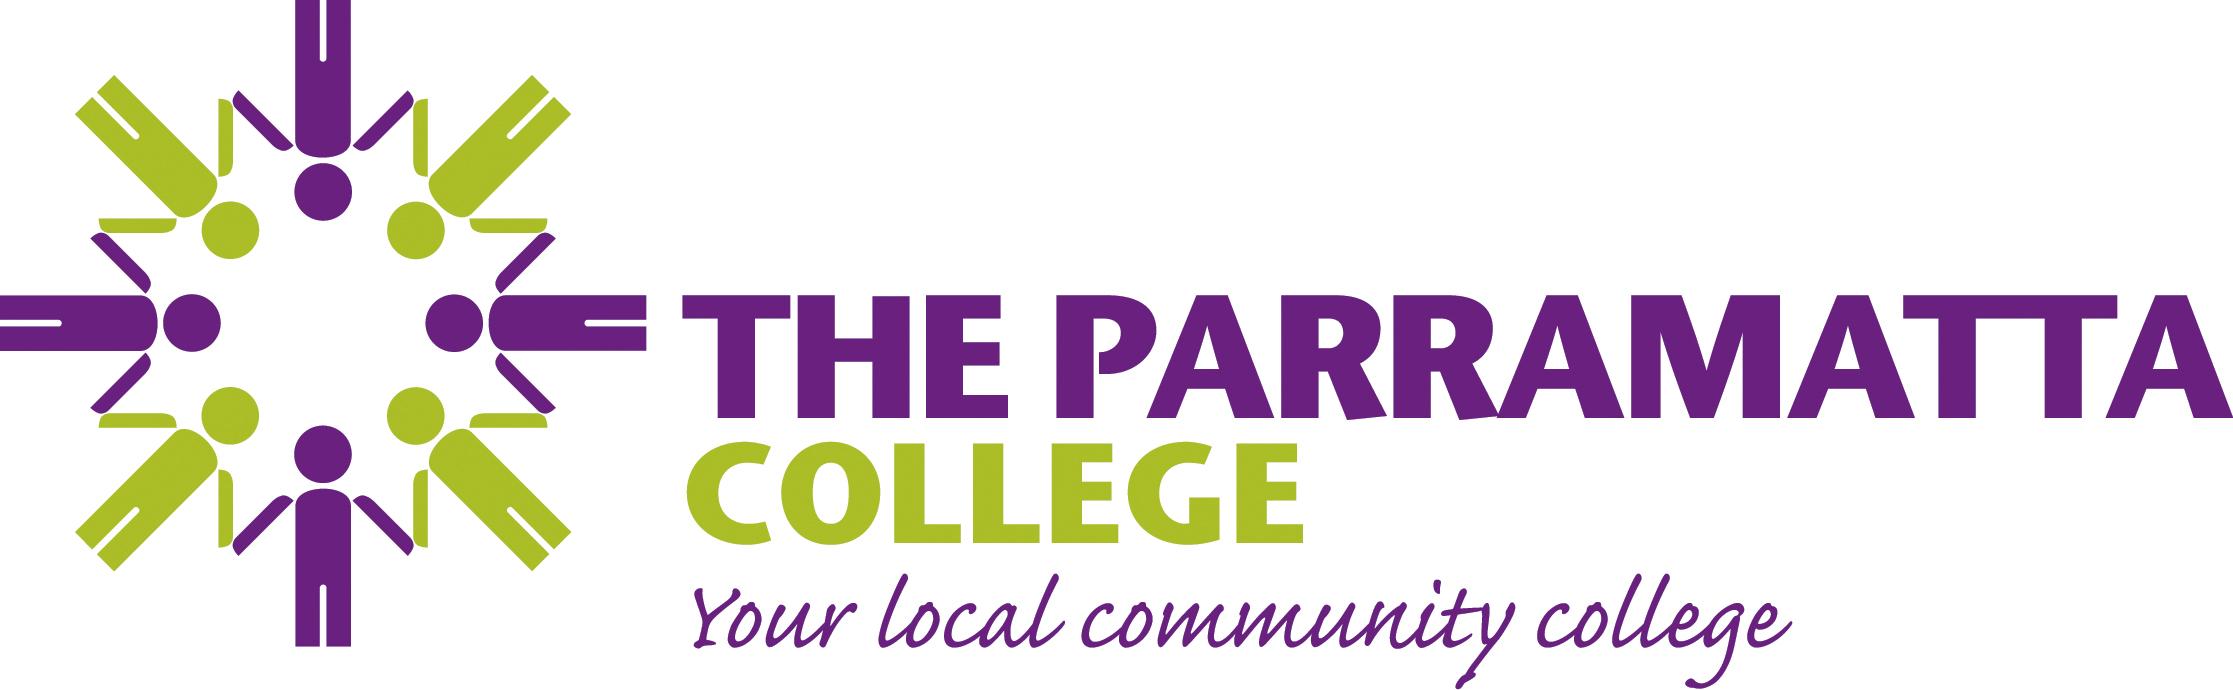 The Parramatta College